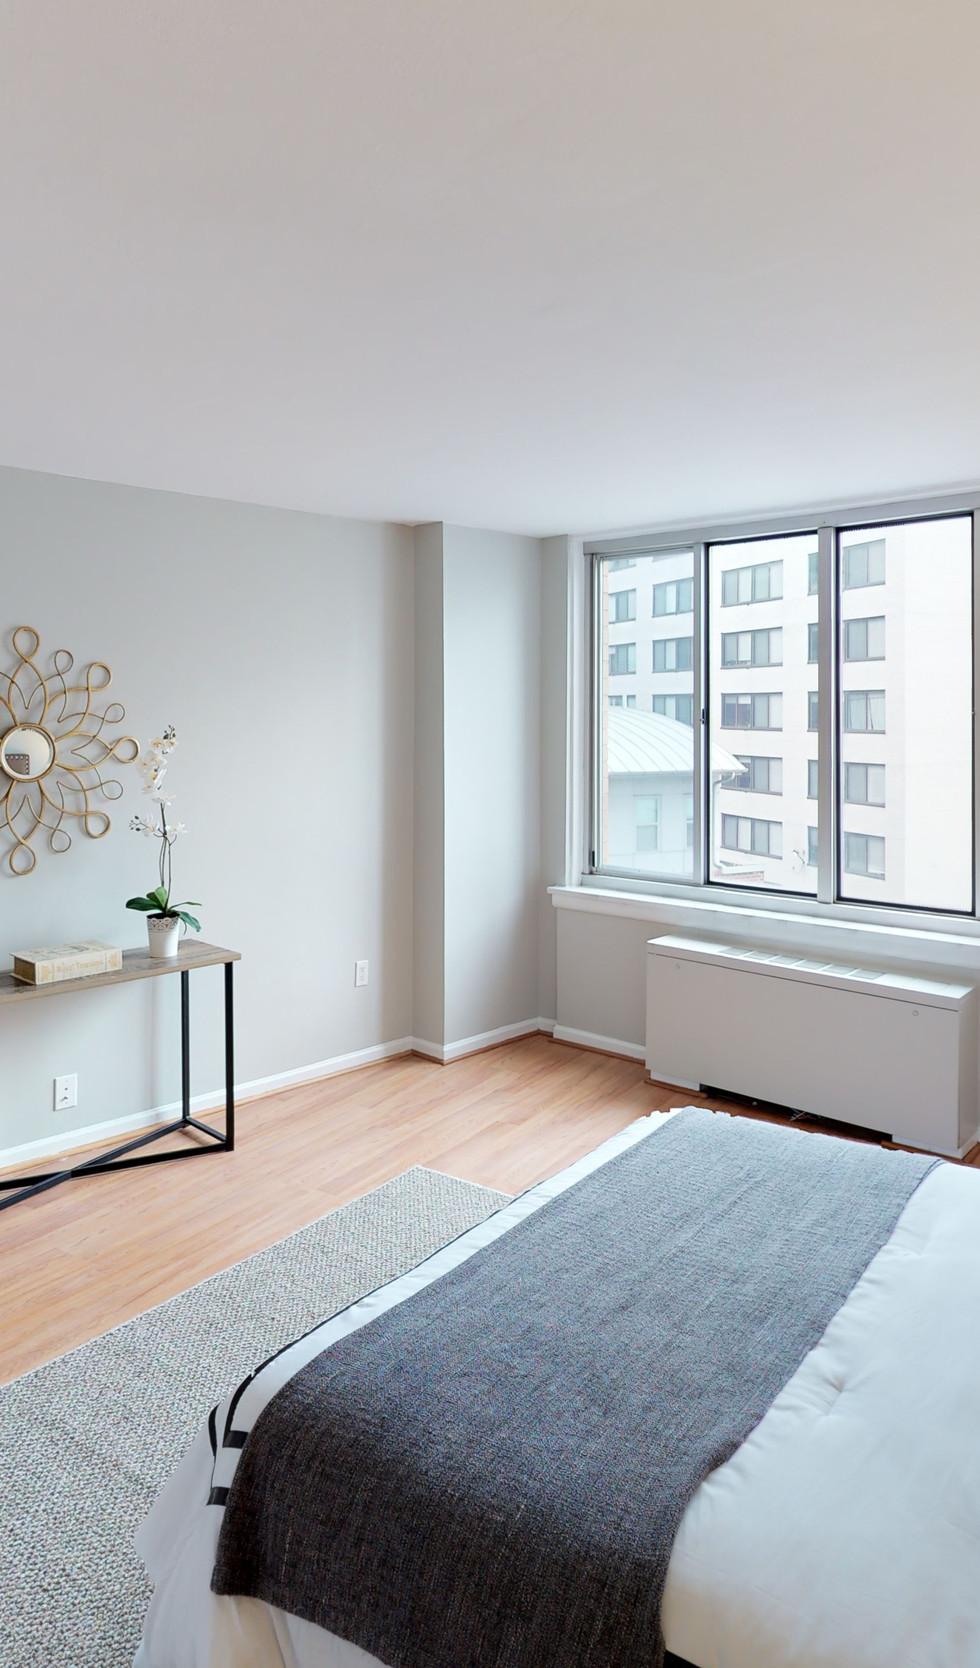 1239-Vermont-Ave-Unit-508-Bedroom.jpg